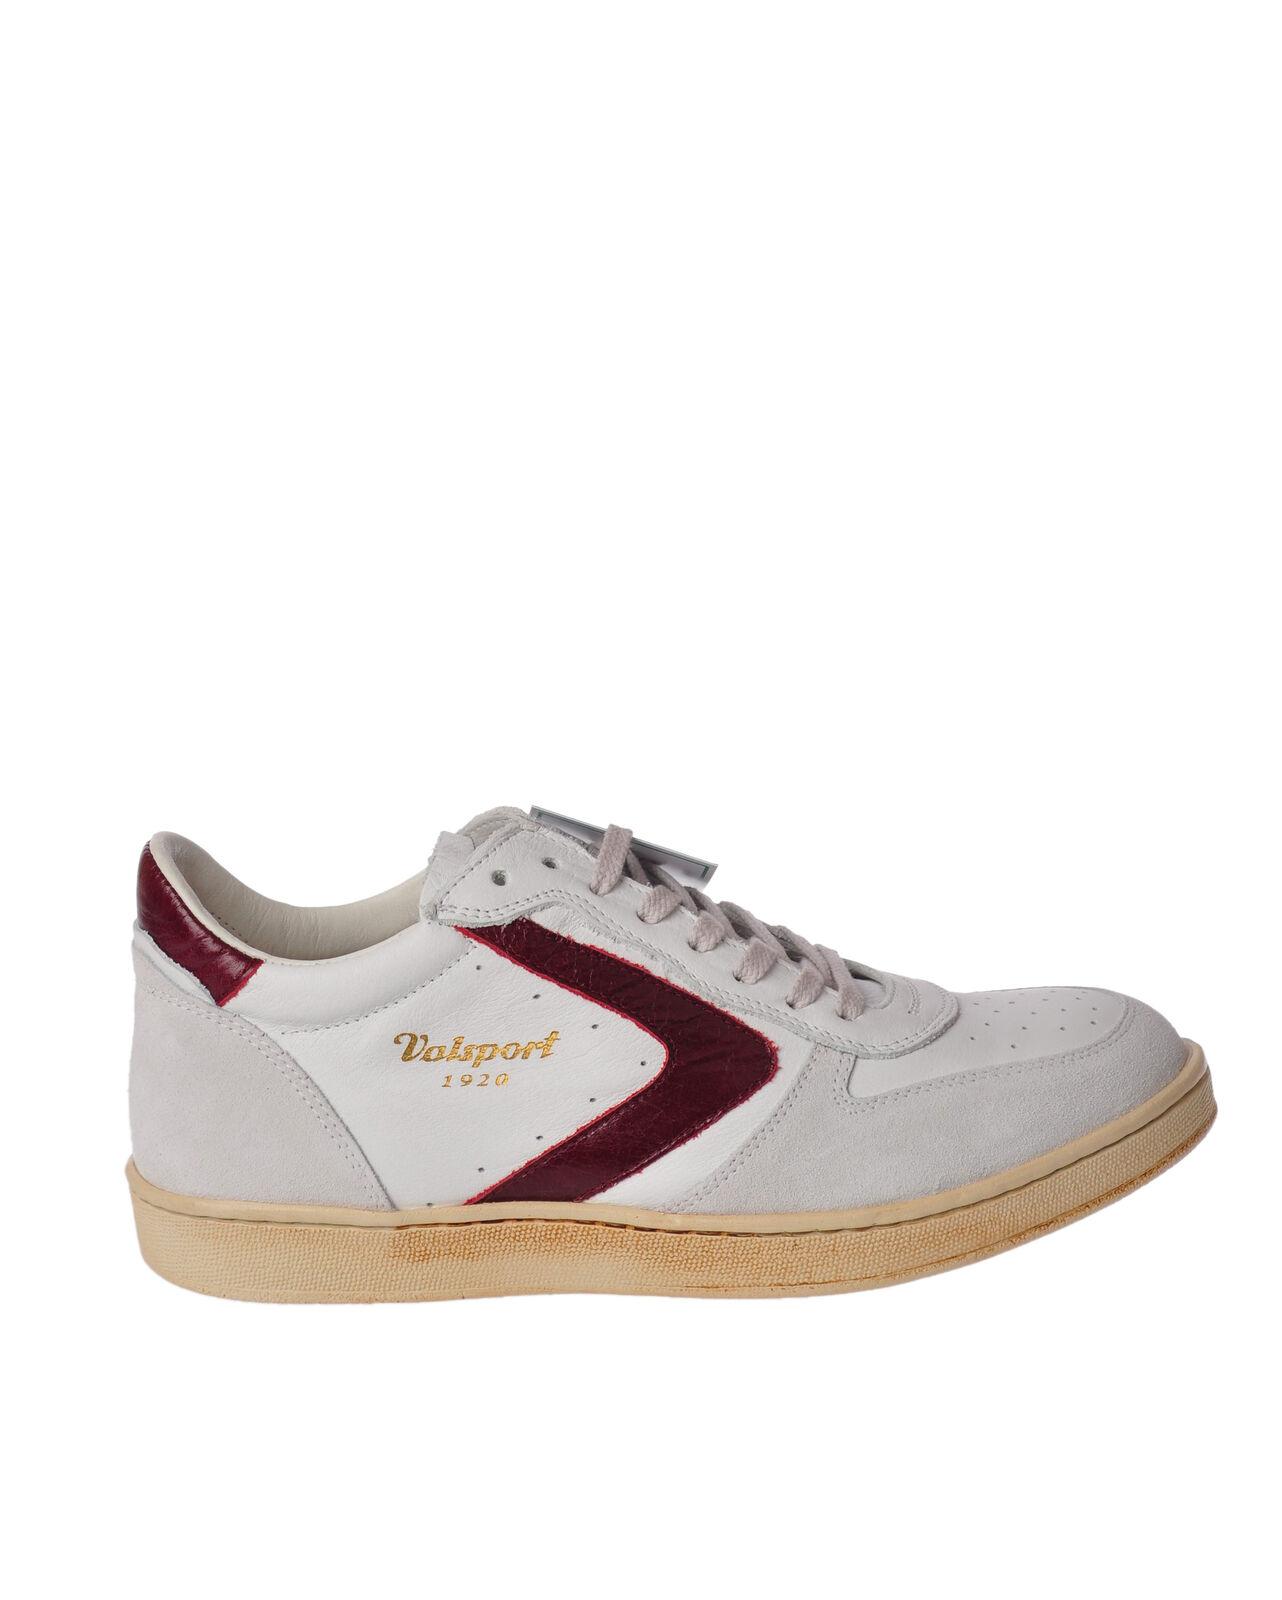 VALSPORT  -  zapatillas - hombres - Bianco - 3036213A183428